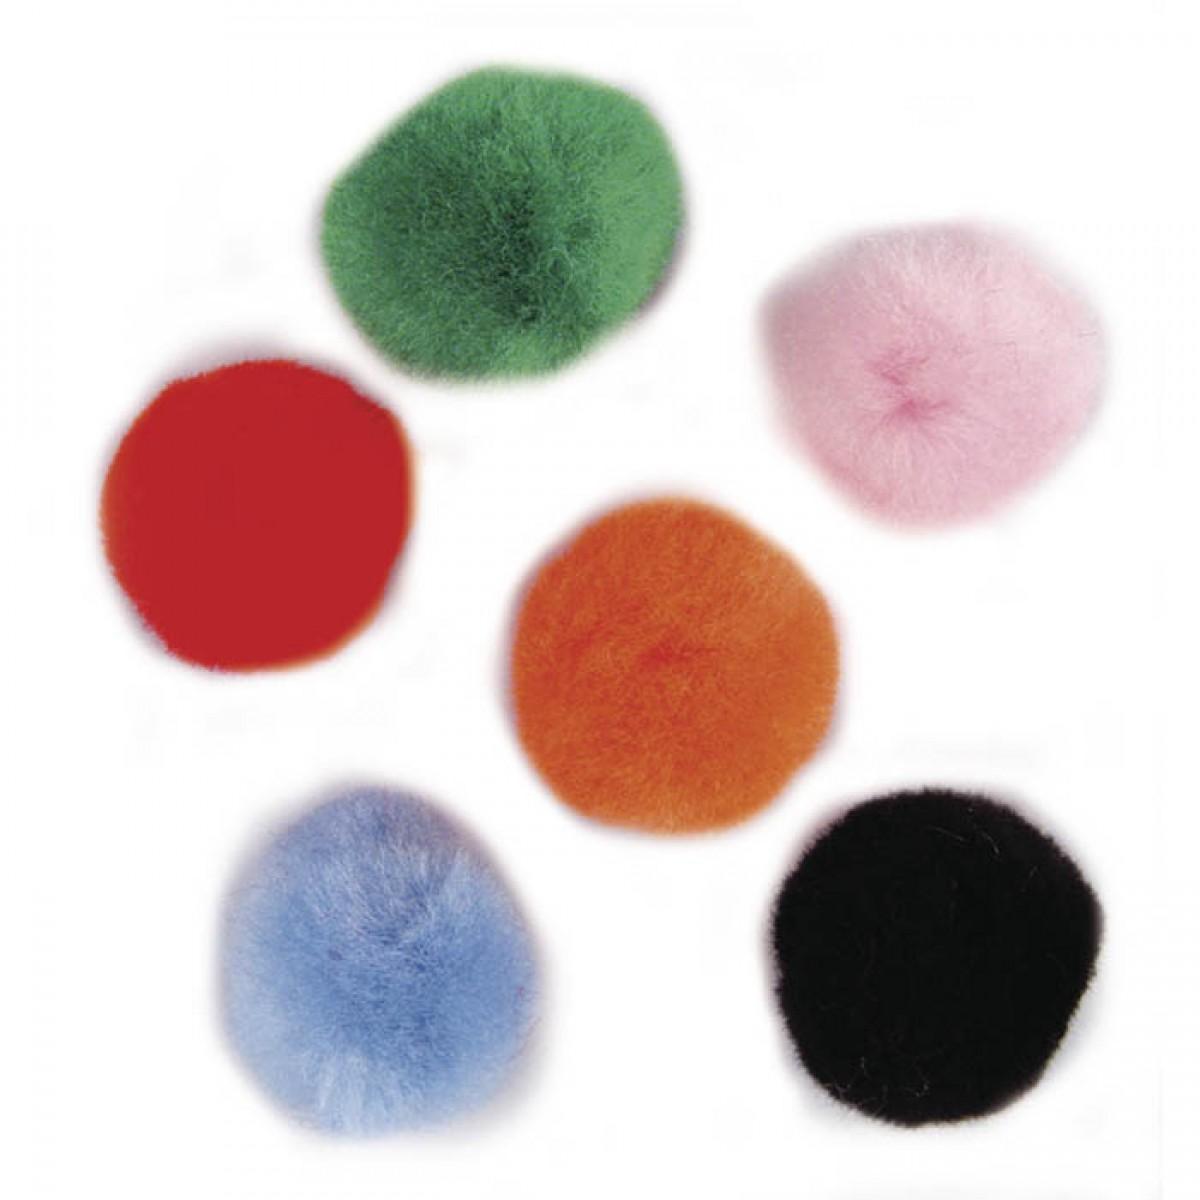 Πομ Πον 10mm Διάφορα Χρώματα (96 Τεμ.) Υλικά Χειροτεχνίας